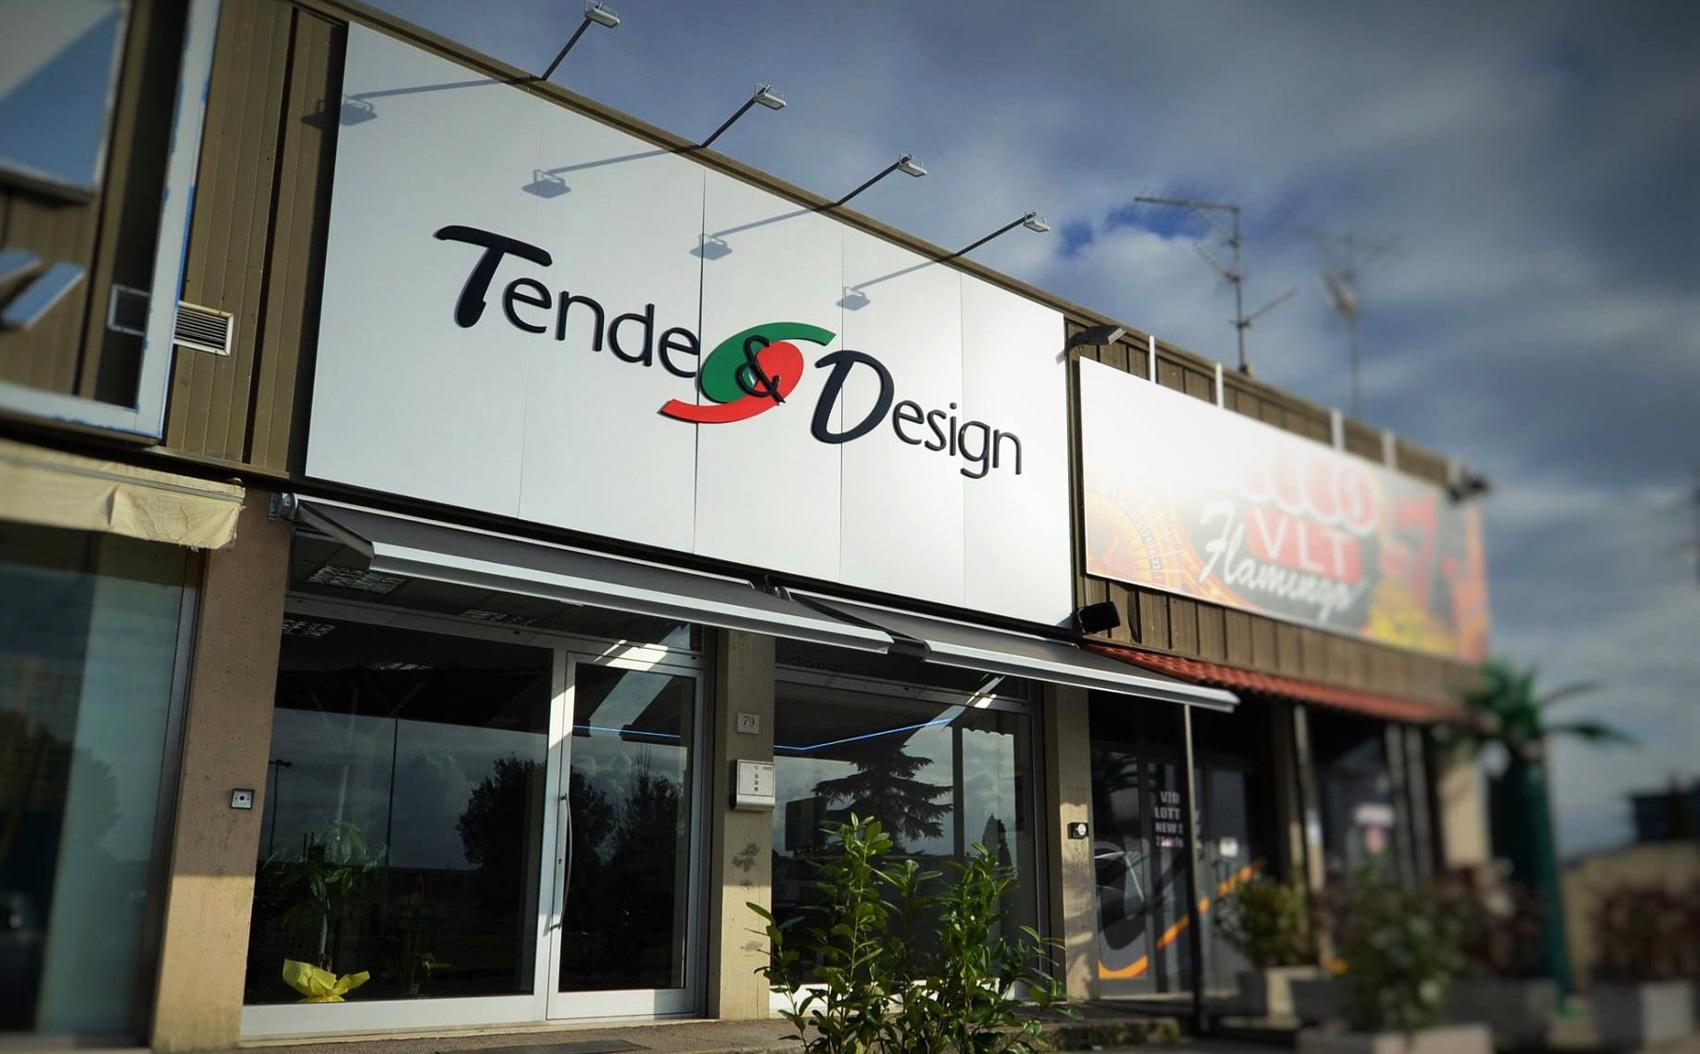 tende e design punto vendita